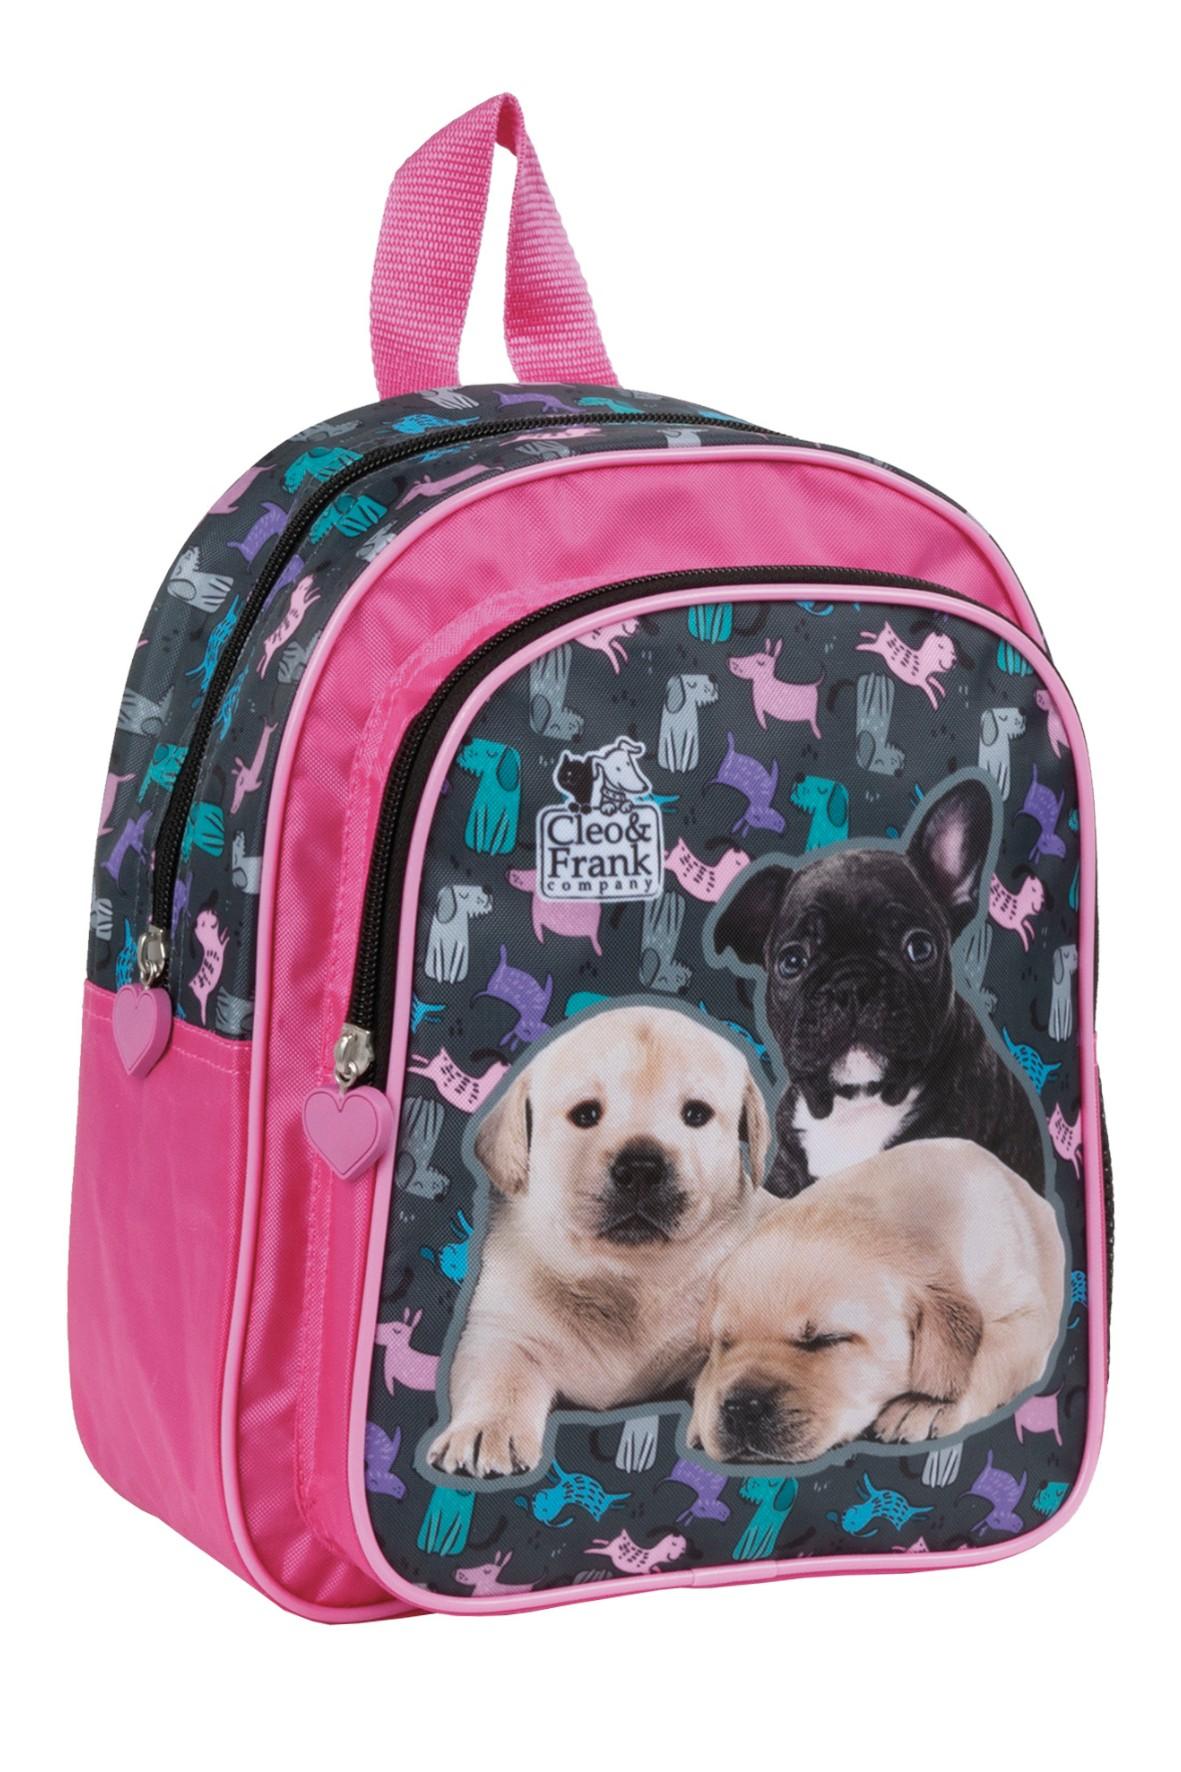 Plecak dla przedszkolaka wielokolorowy- Pieski